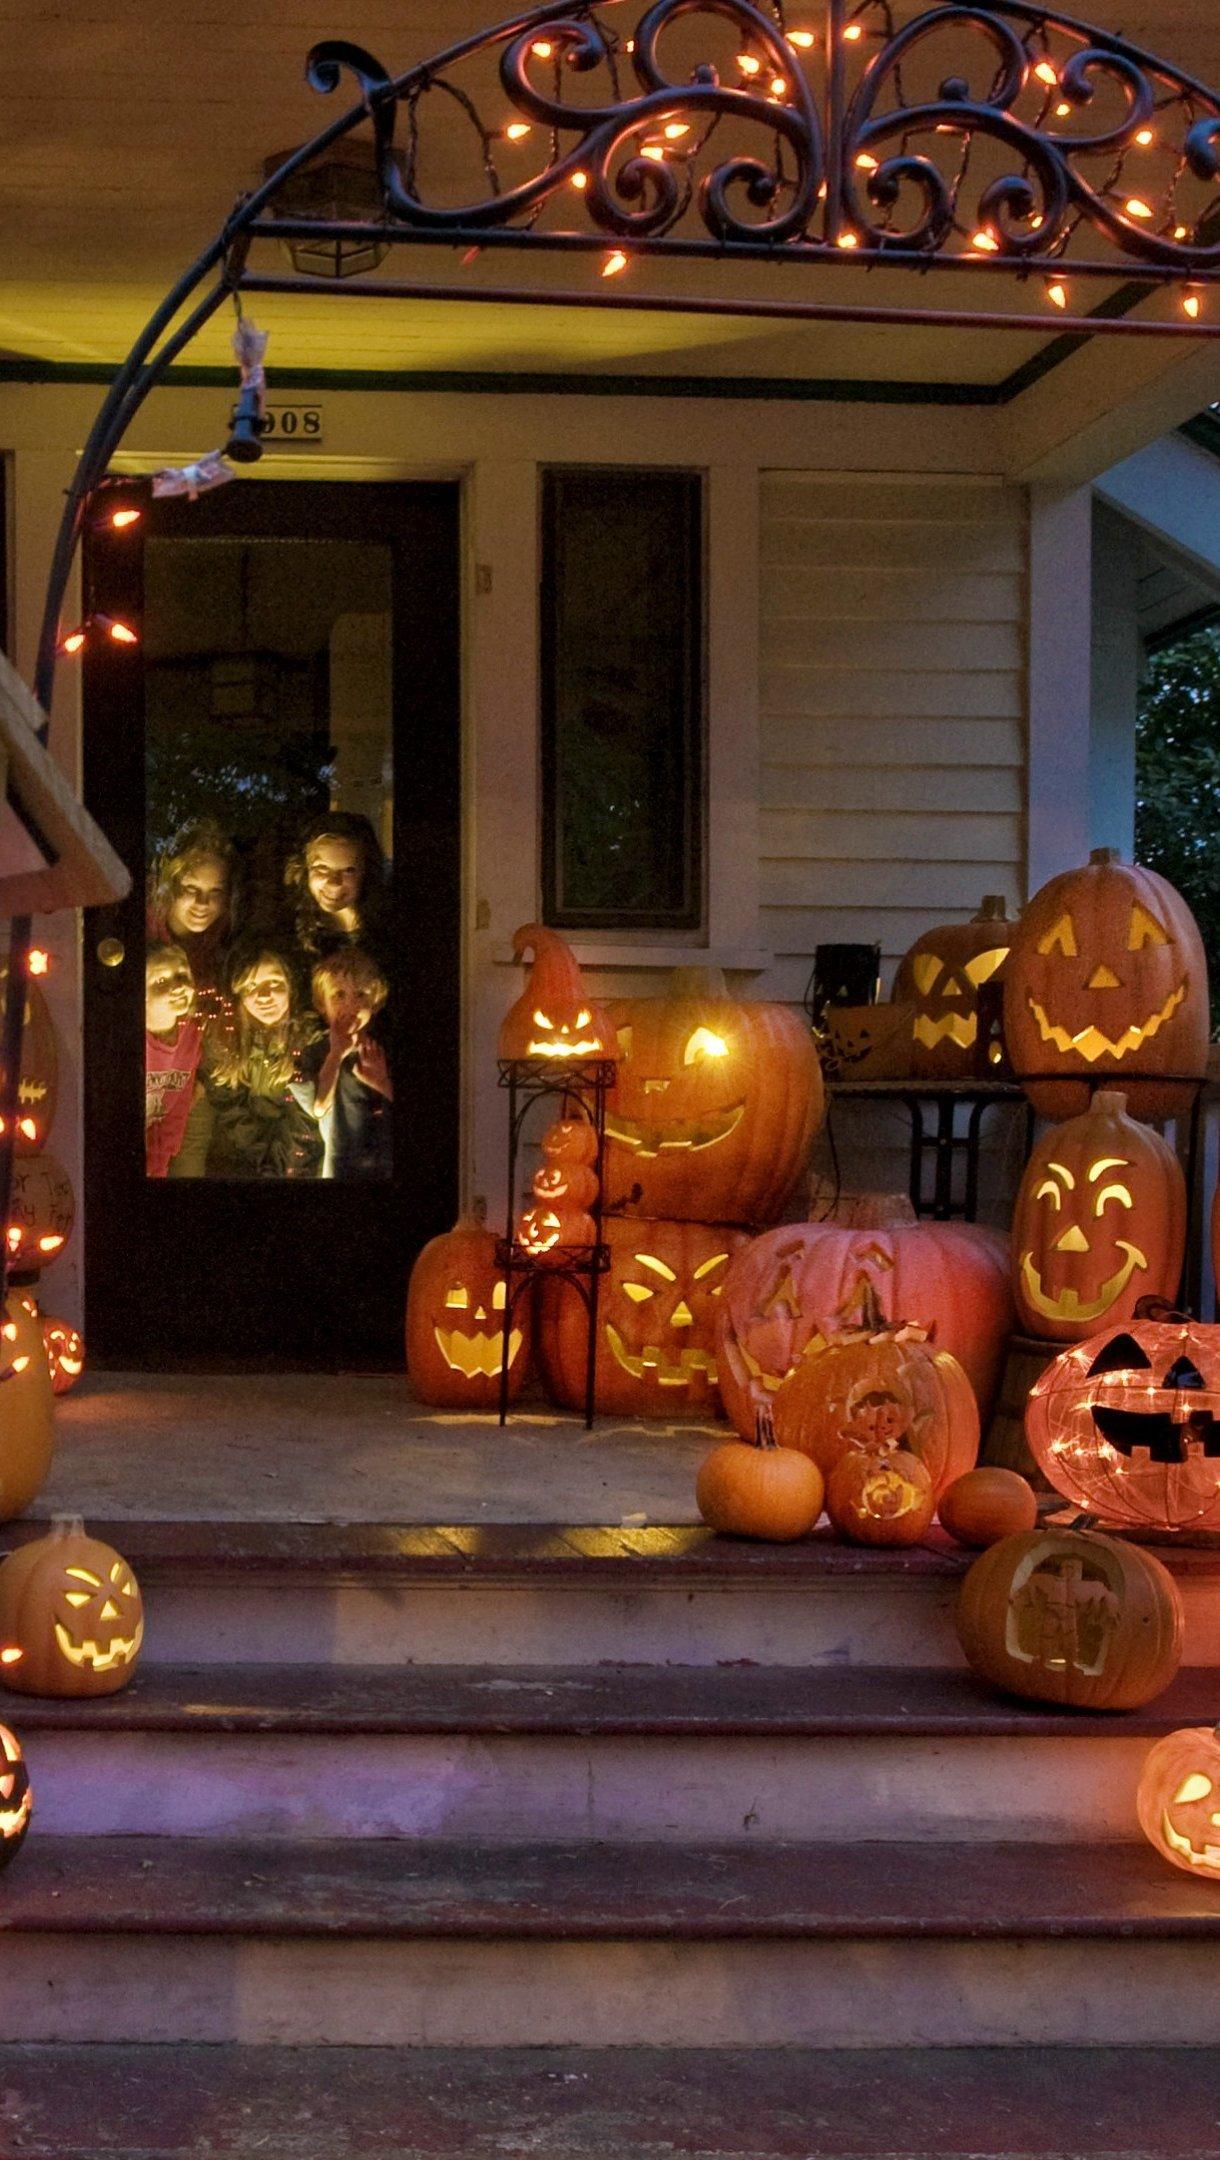 Fondos de pantalla Casa decorada para Halloween Vertical